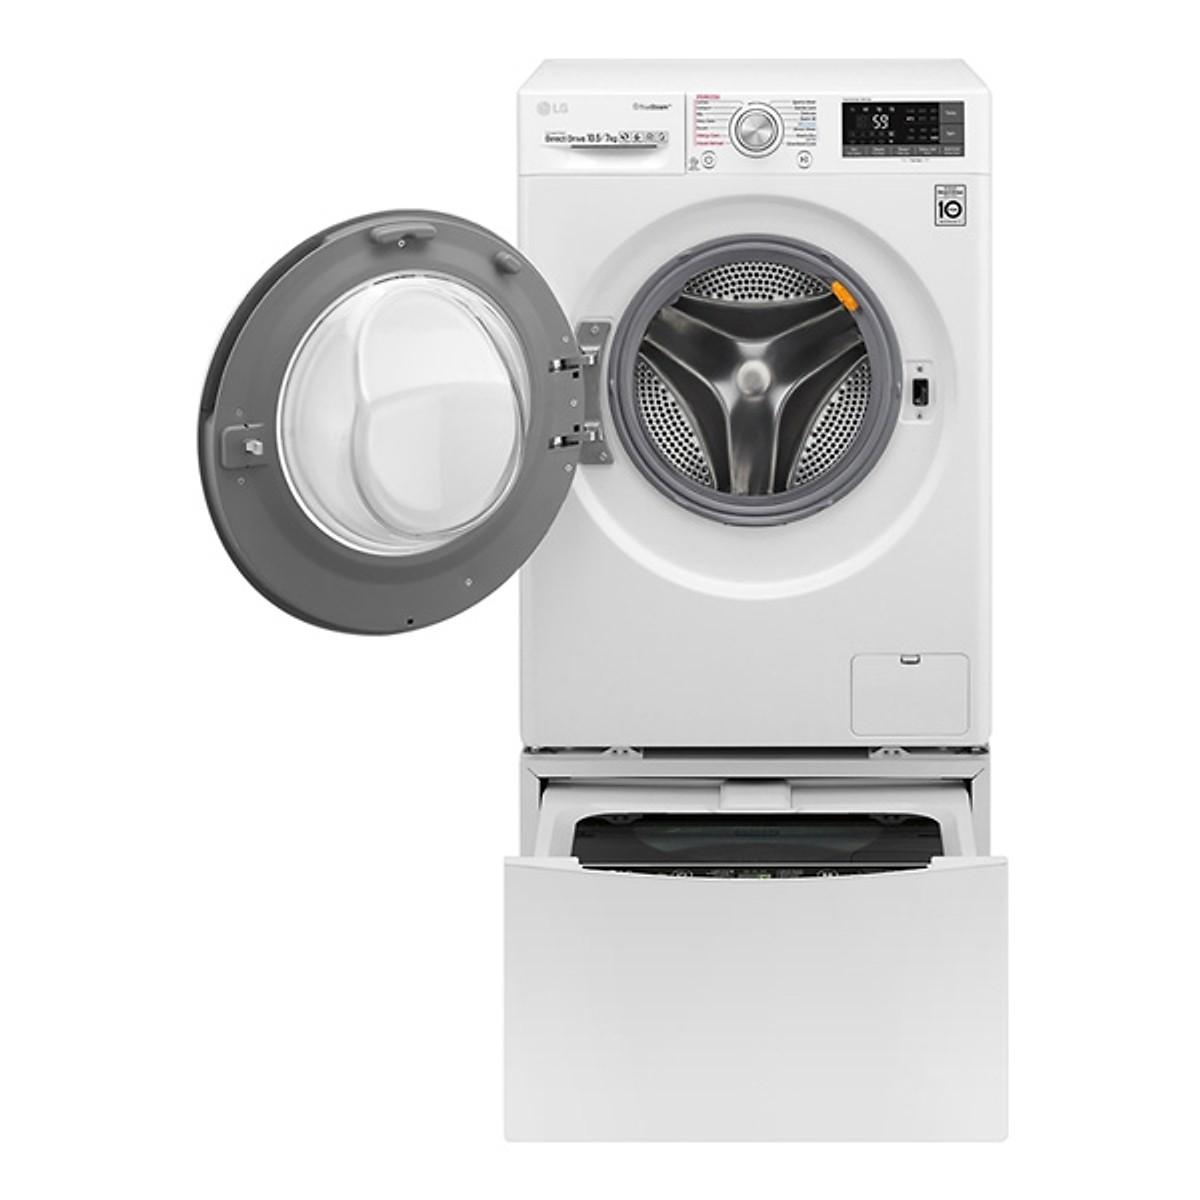 Máy giặt LG Twinwash Inverter TWC1409S2W/TG2402NTWW